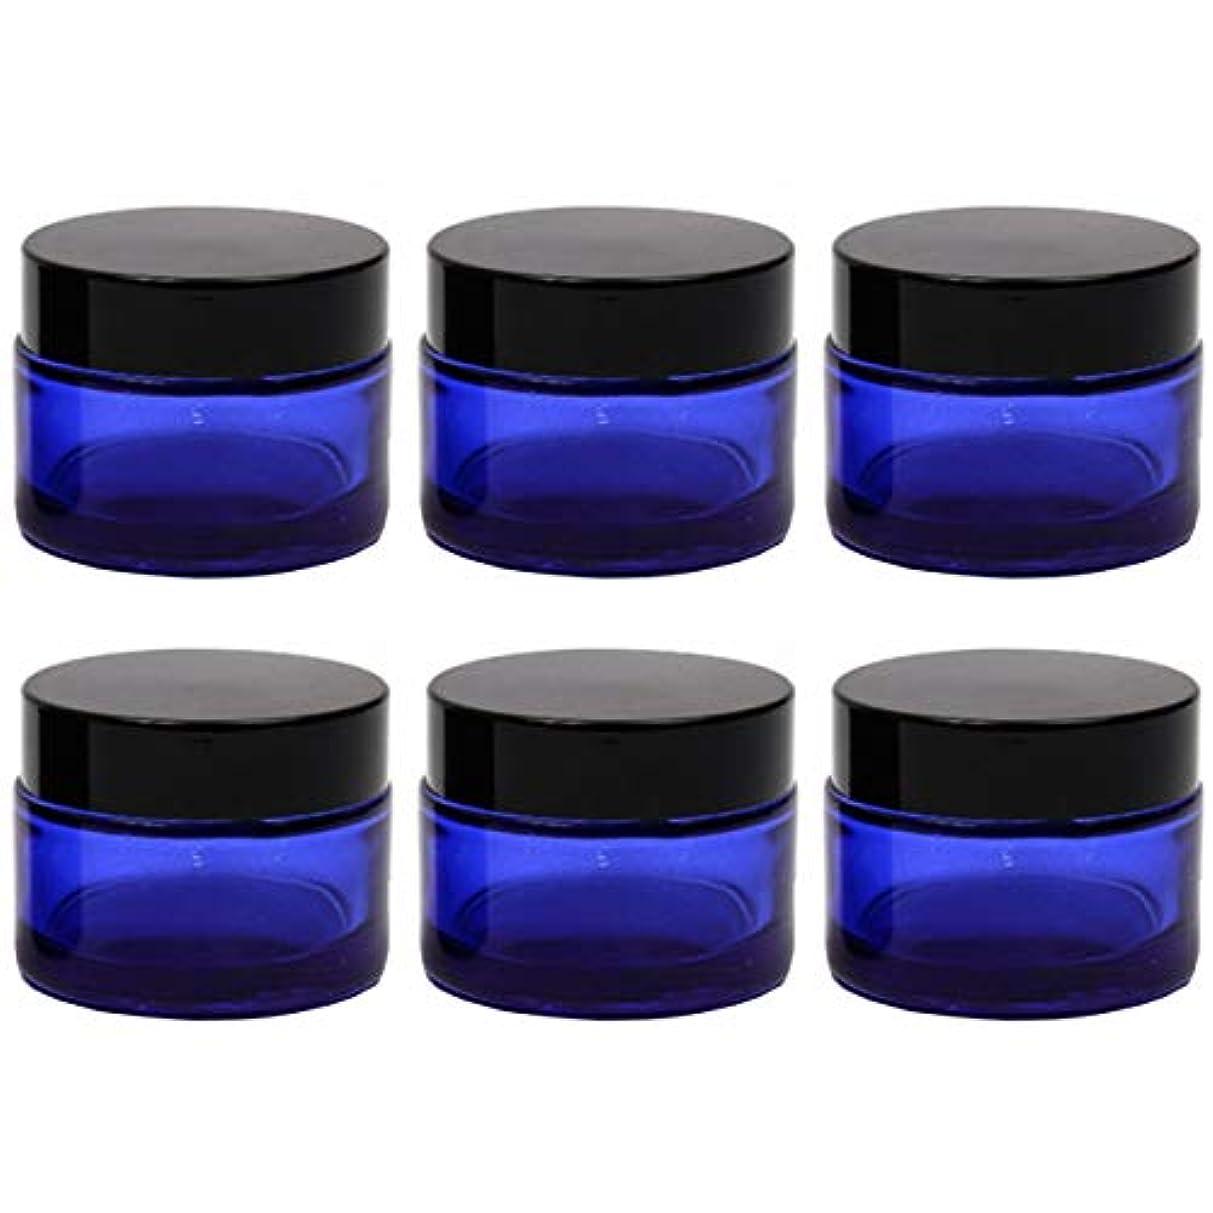 増強する前任者交差点クリーム容器 遮光ジャー 6個セット アロマクリーム ハンドクリーム 遮光瓶 ガラス 瓶 アロマ ボトル ビン 保存 詰替え 青色 ブルー (50g?6個)